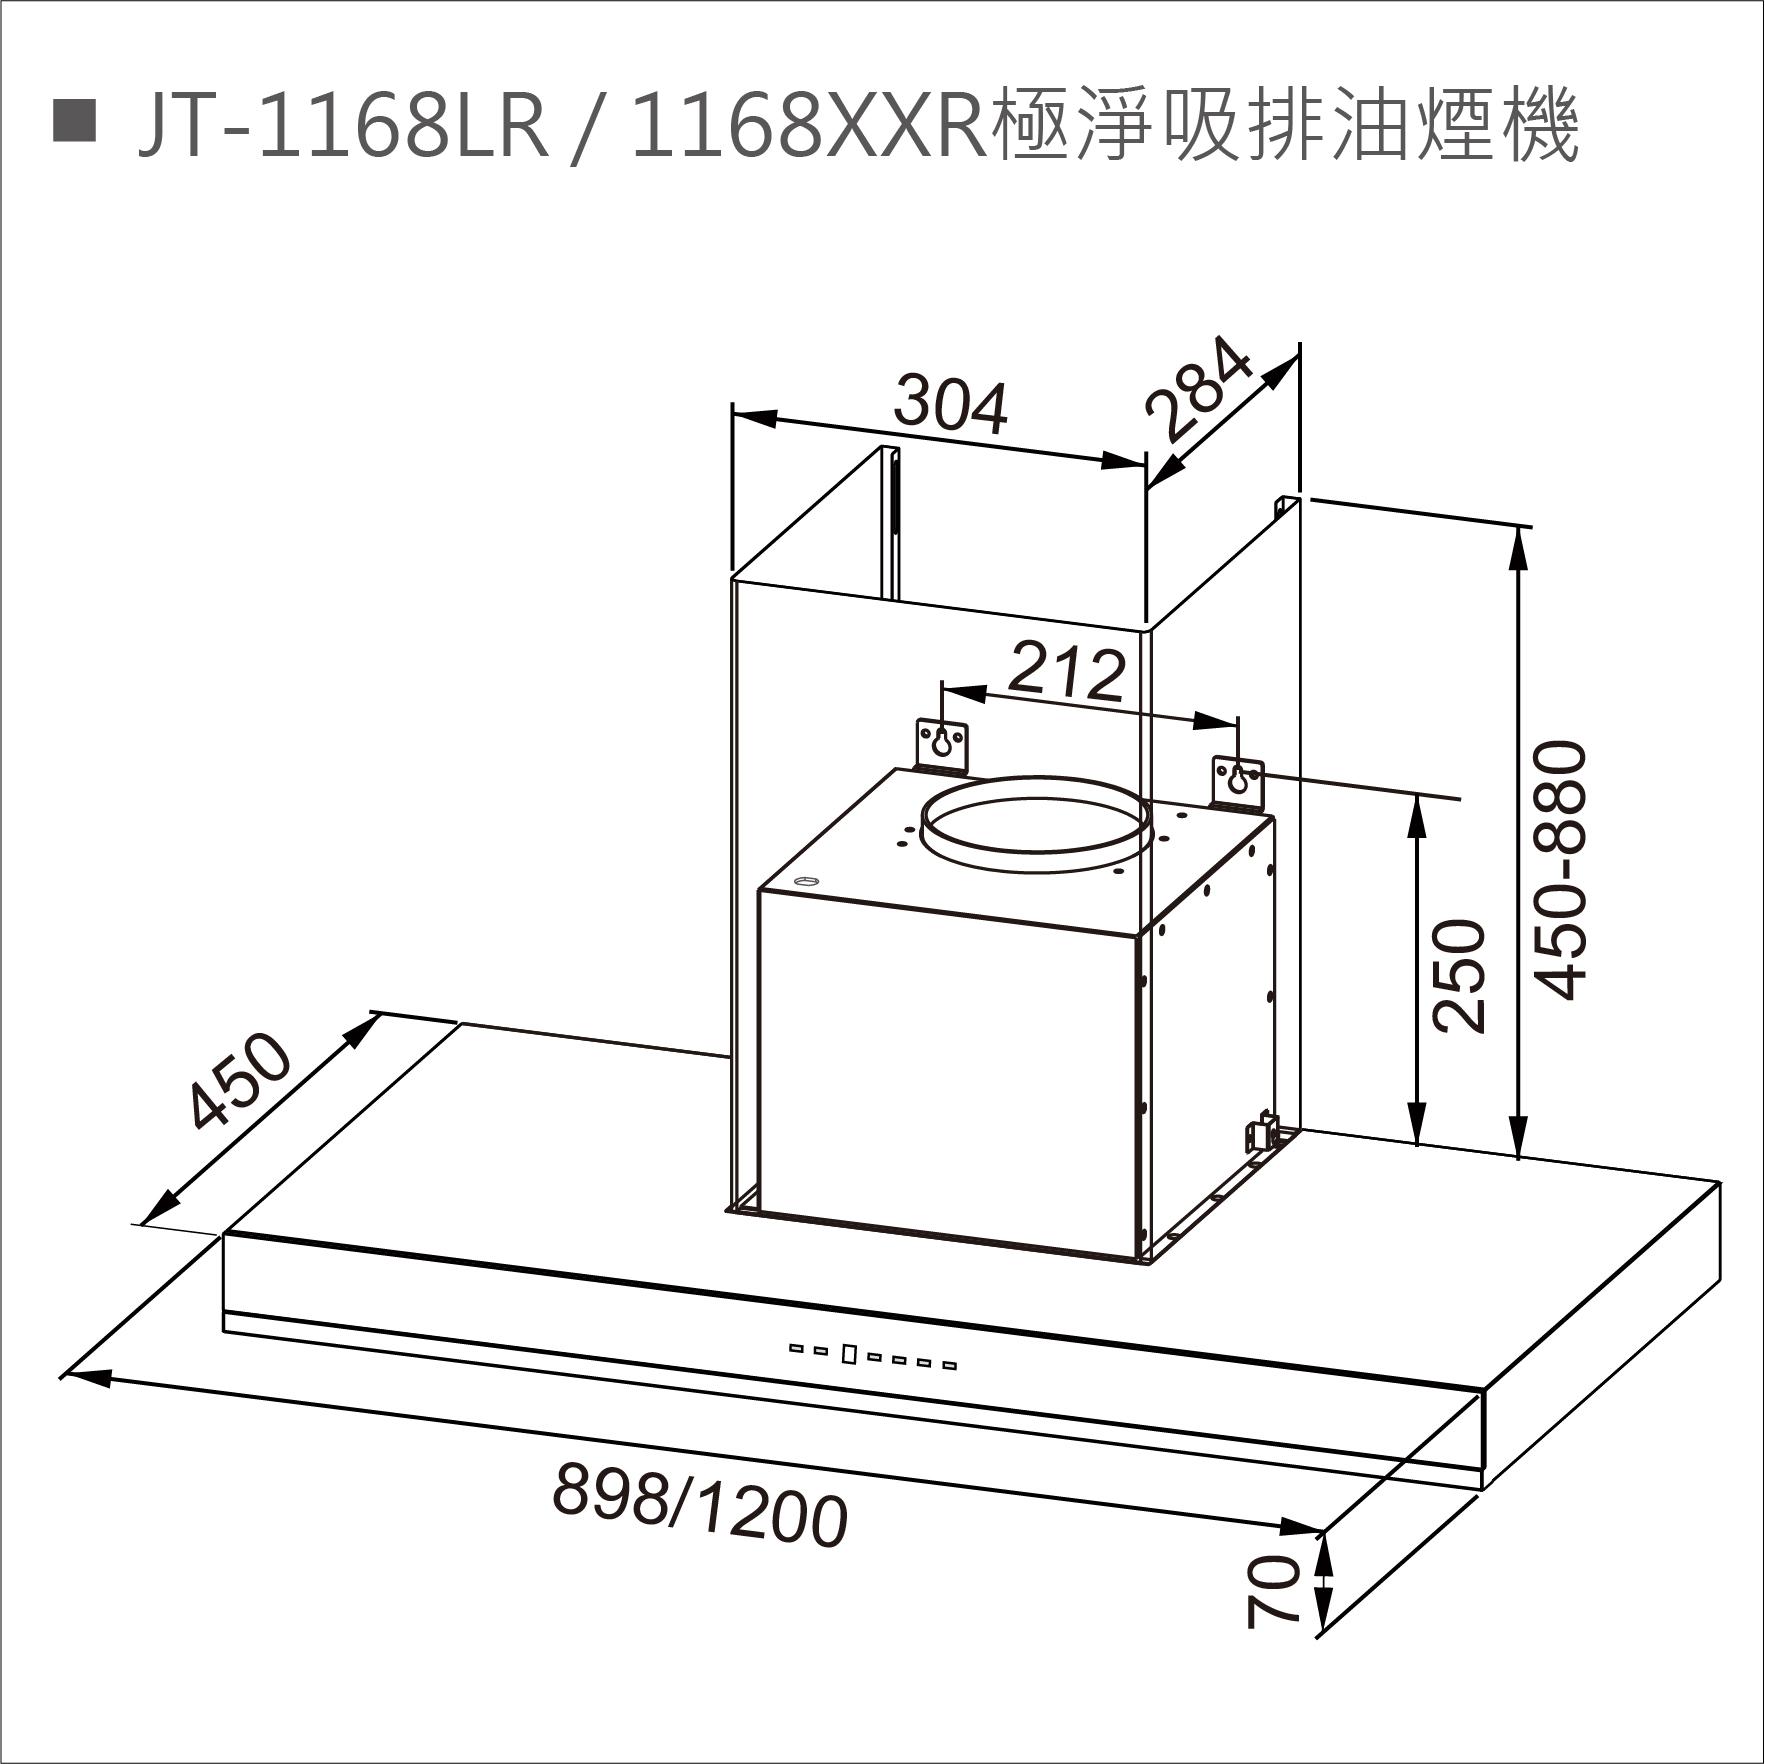 JT-1168LR 極淨吸排油煙機(智能連動)-JT-1168LR